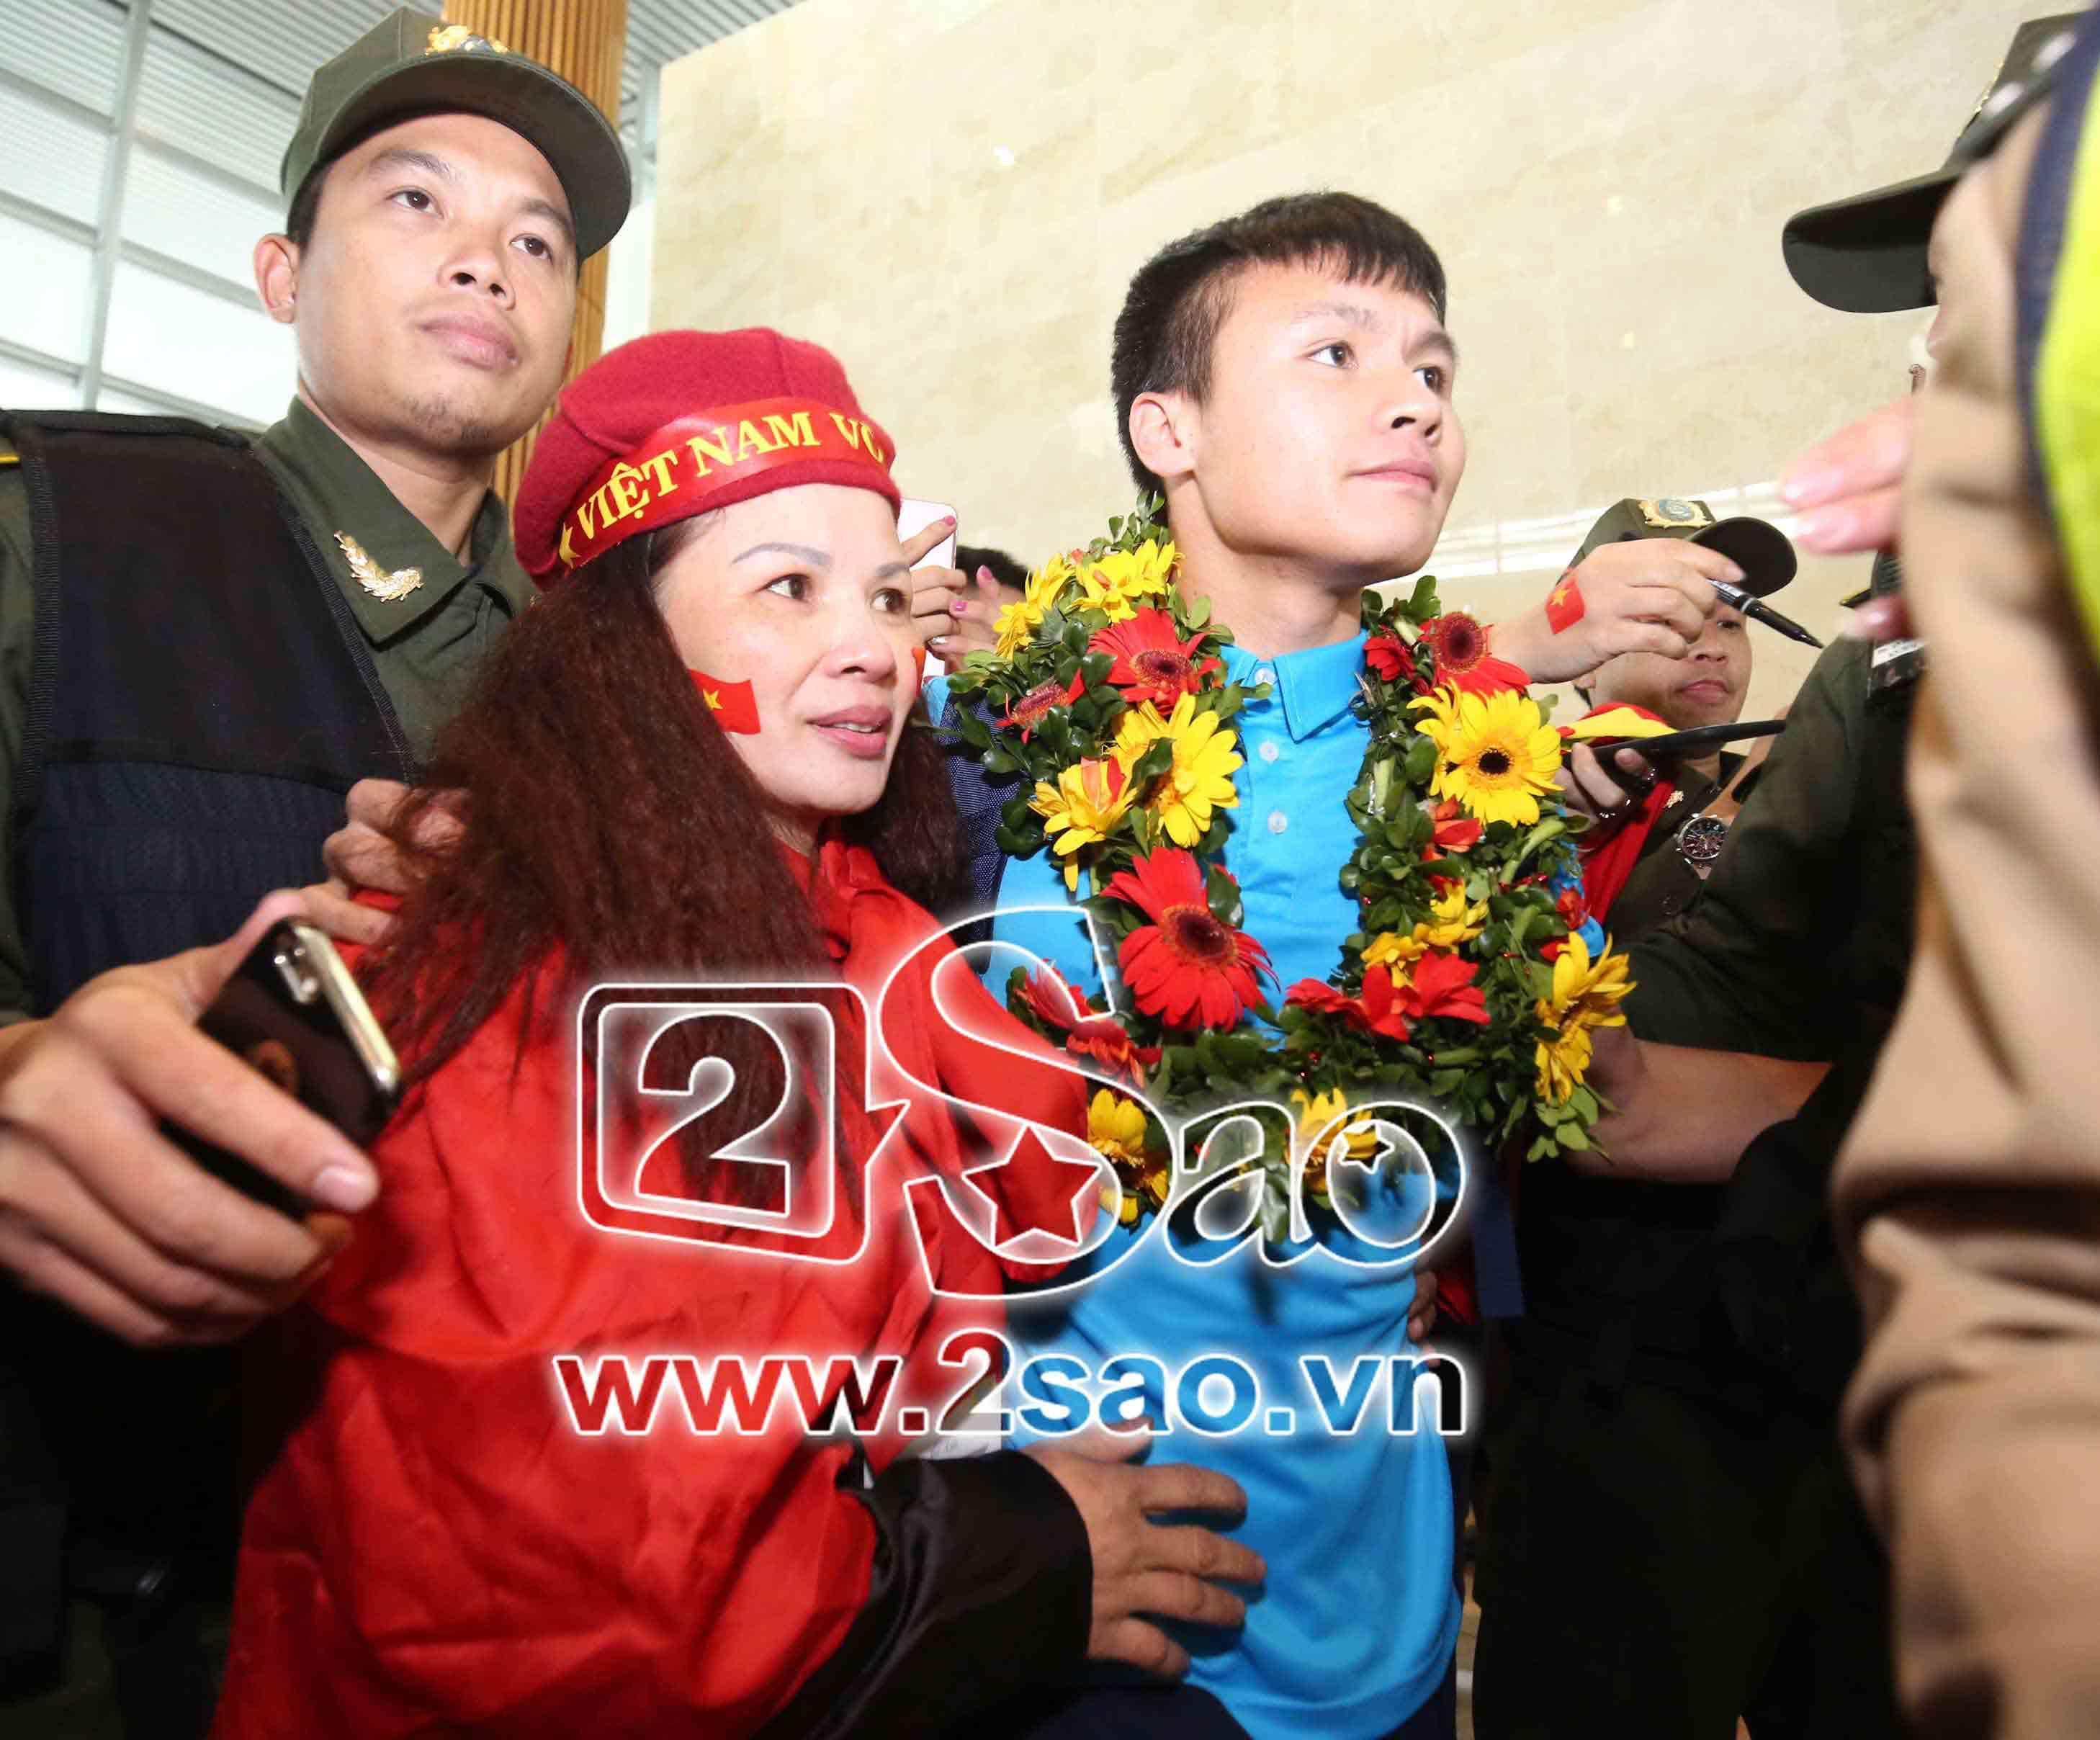 Tiền vệ Nguyễn Quang Hải: Chỉ một phút ngắn ngủi được ôm mẹ tôi cũng ấm lòng-1